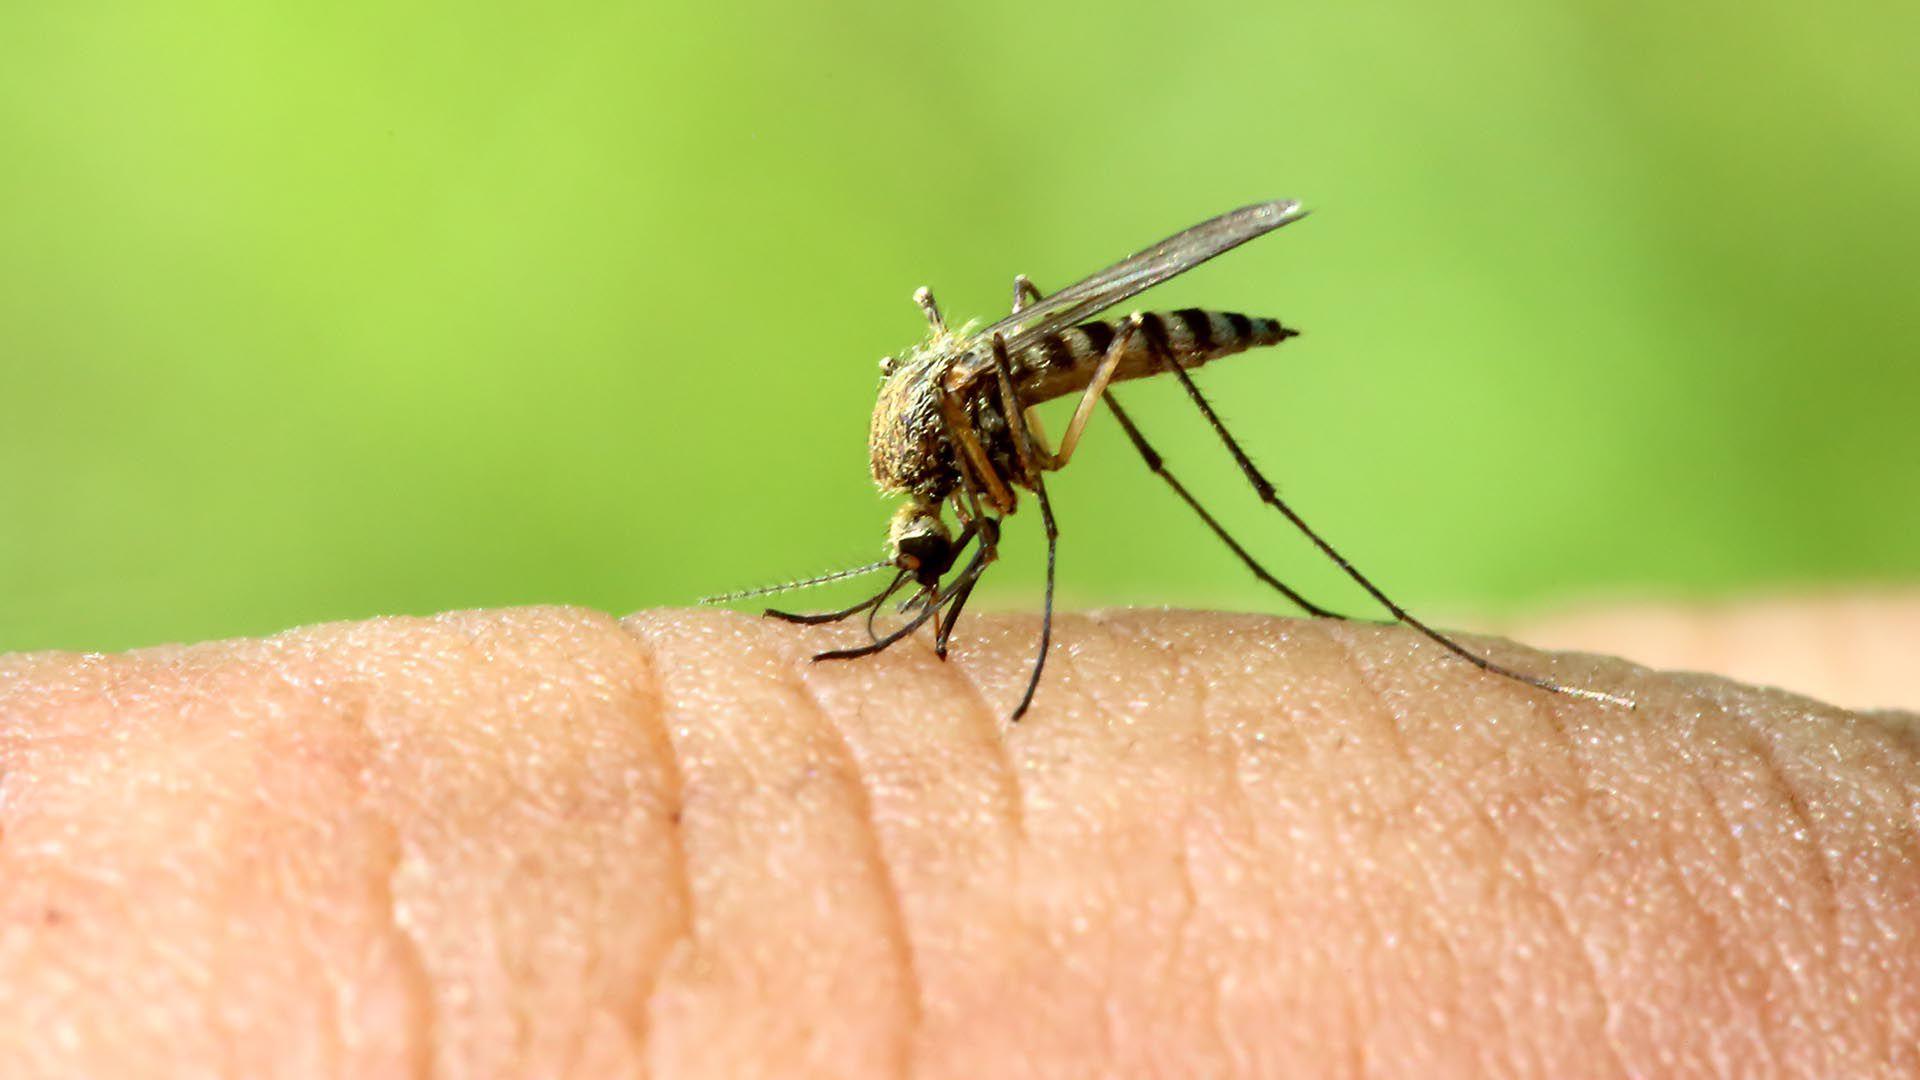 El dengue es una enfermedad transmitida por el mosquito Aedes aegypti - Foto: Shutterstock